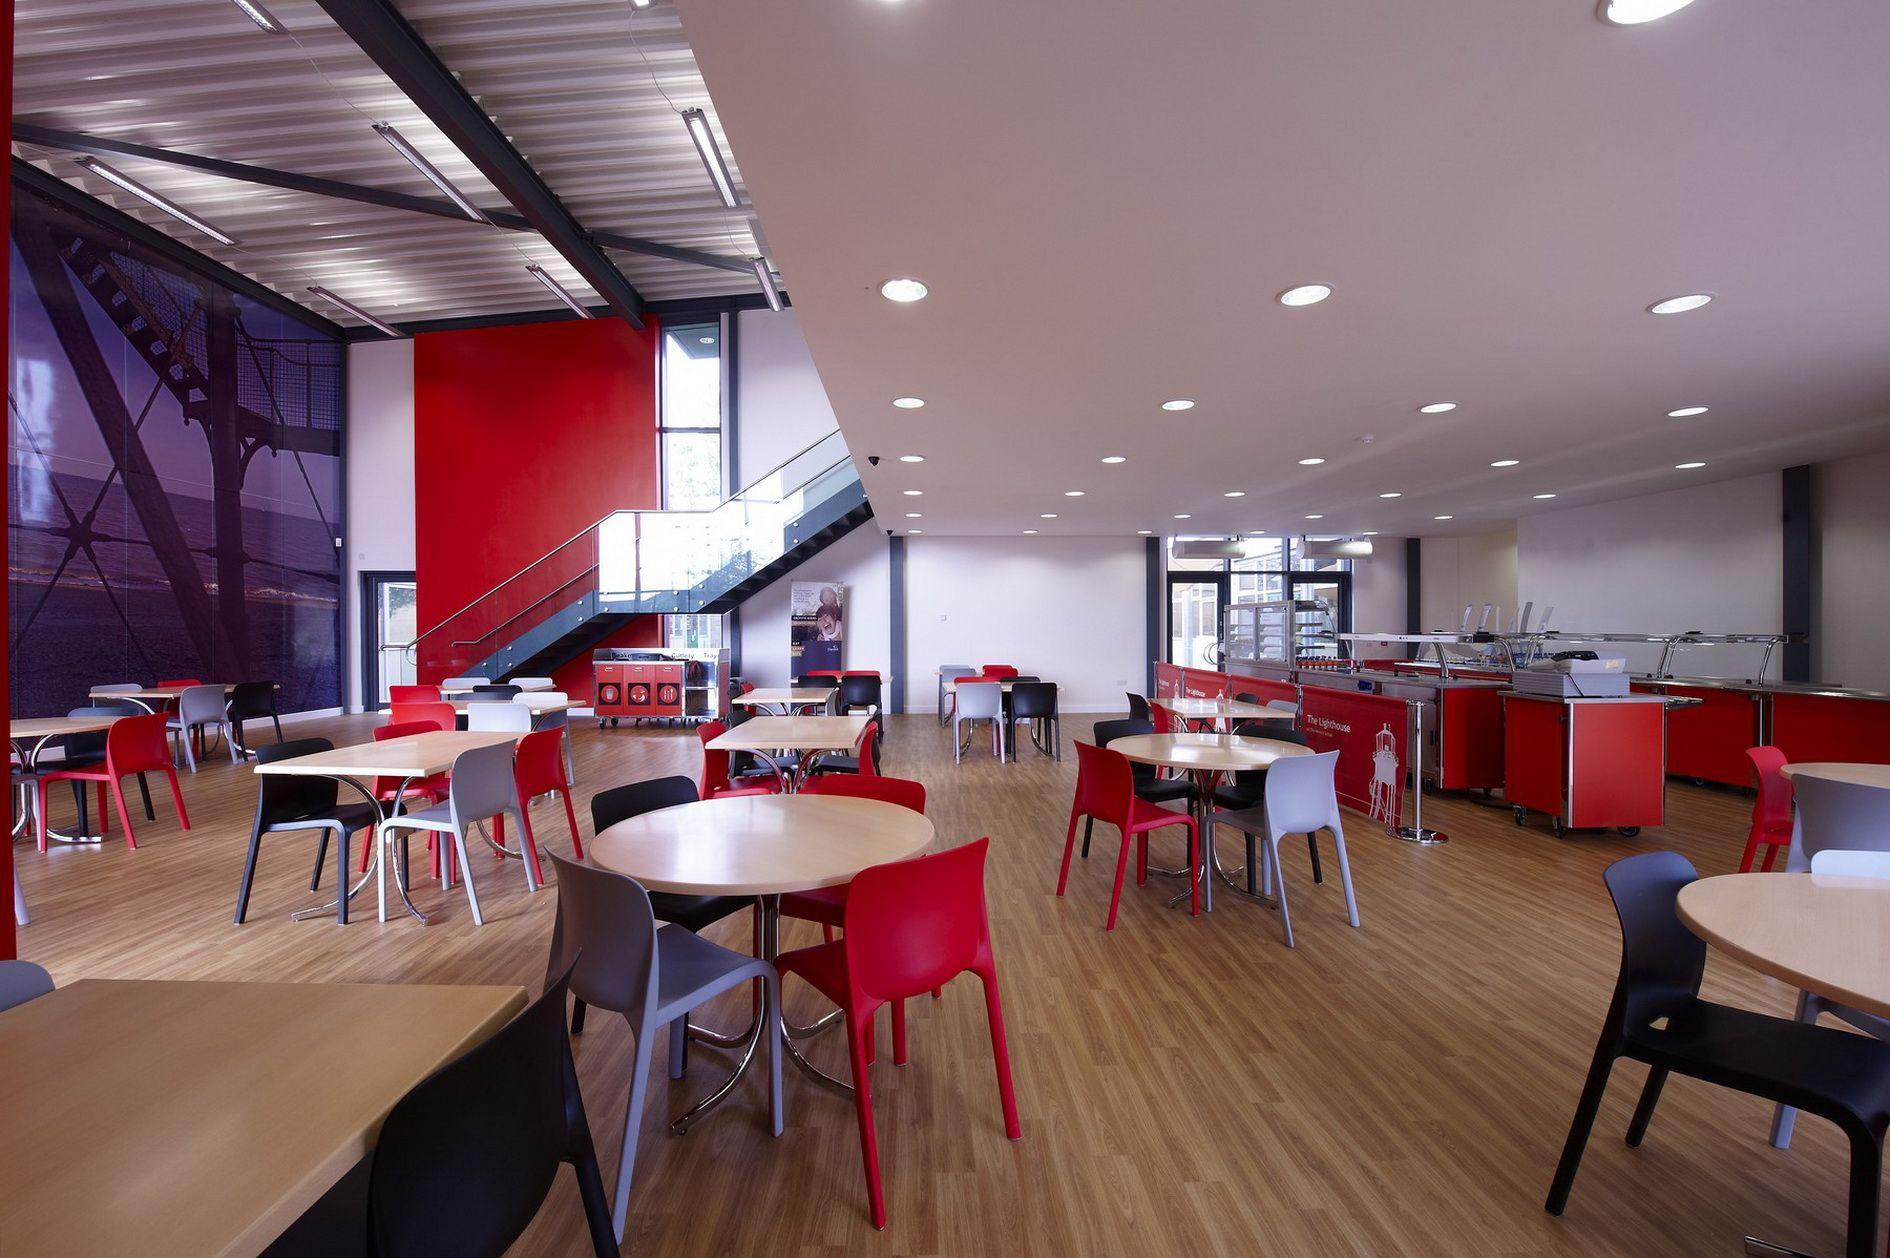 moderne gastronomie sch rzen ford f 150 solenoid diagram modern school canteen interior design pinterest